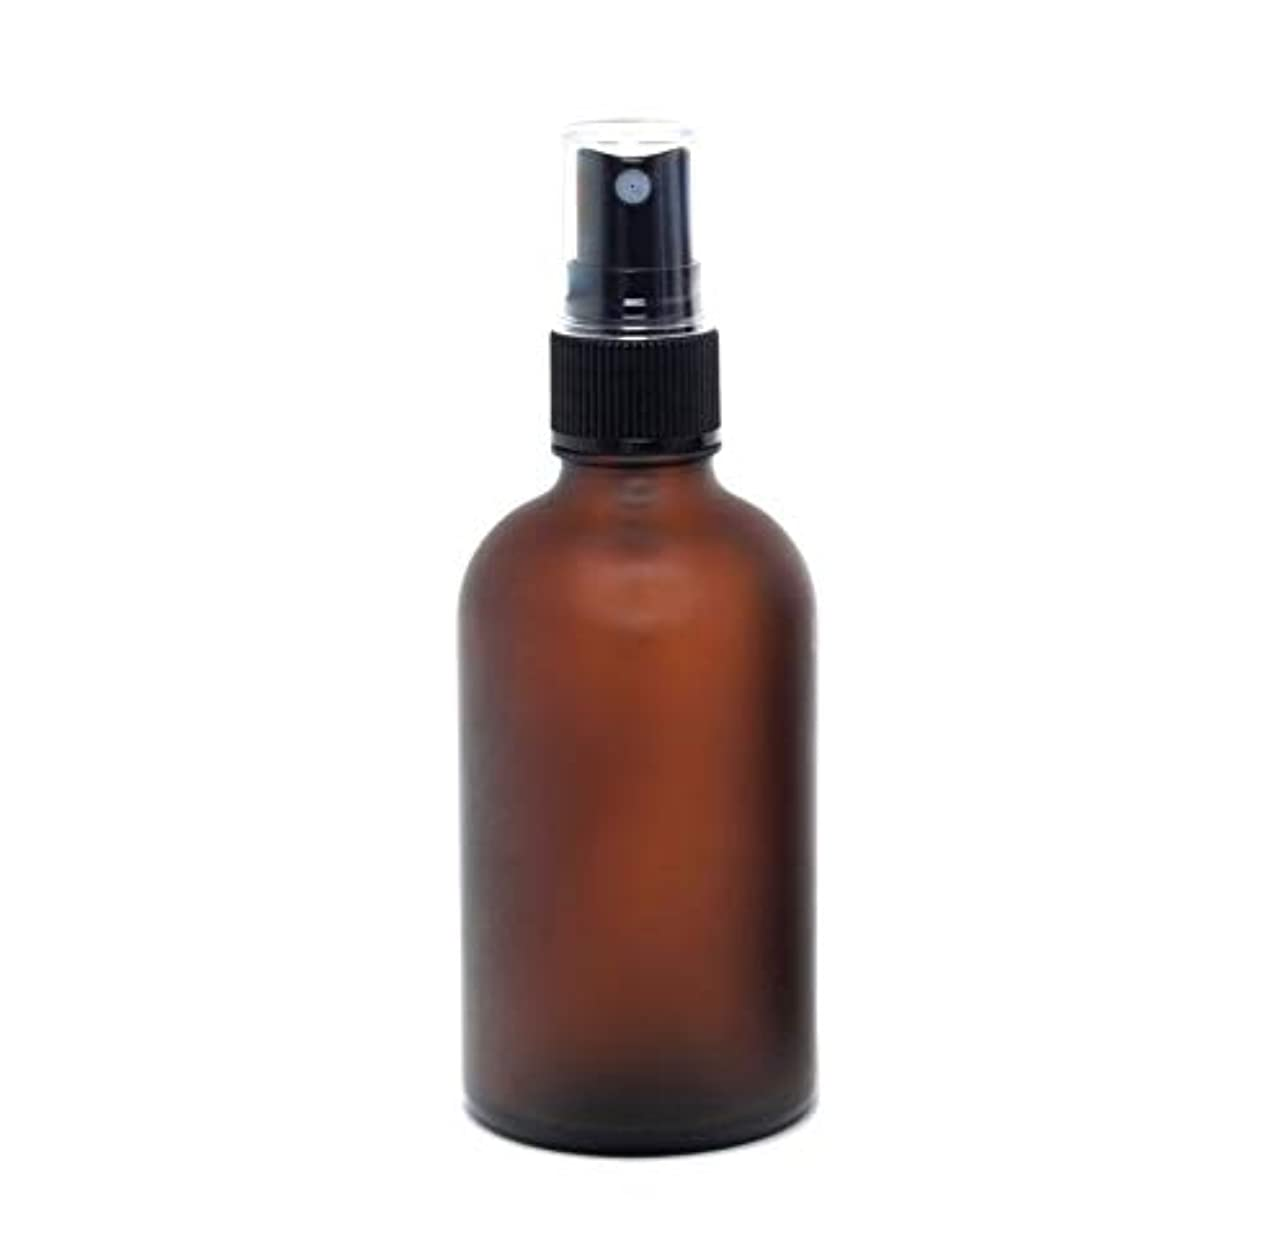 横たわるつぶす運賃遮光瓶 蓄圧式ミストのスプレーボトル 100ml / アンバー・フロスト(つや消し)(硝子/アトマイザー)ブラックヘッド 1本